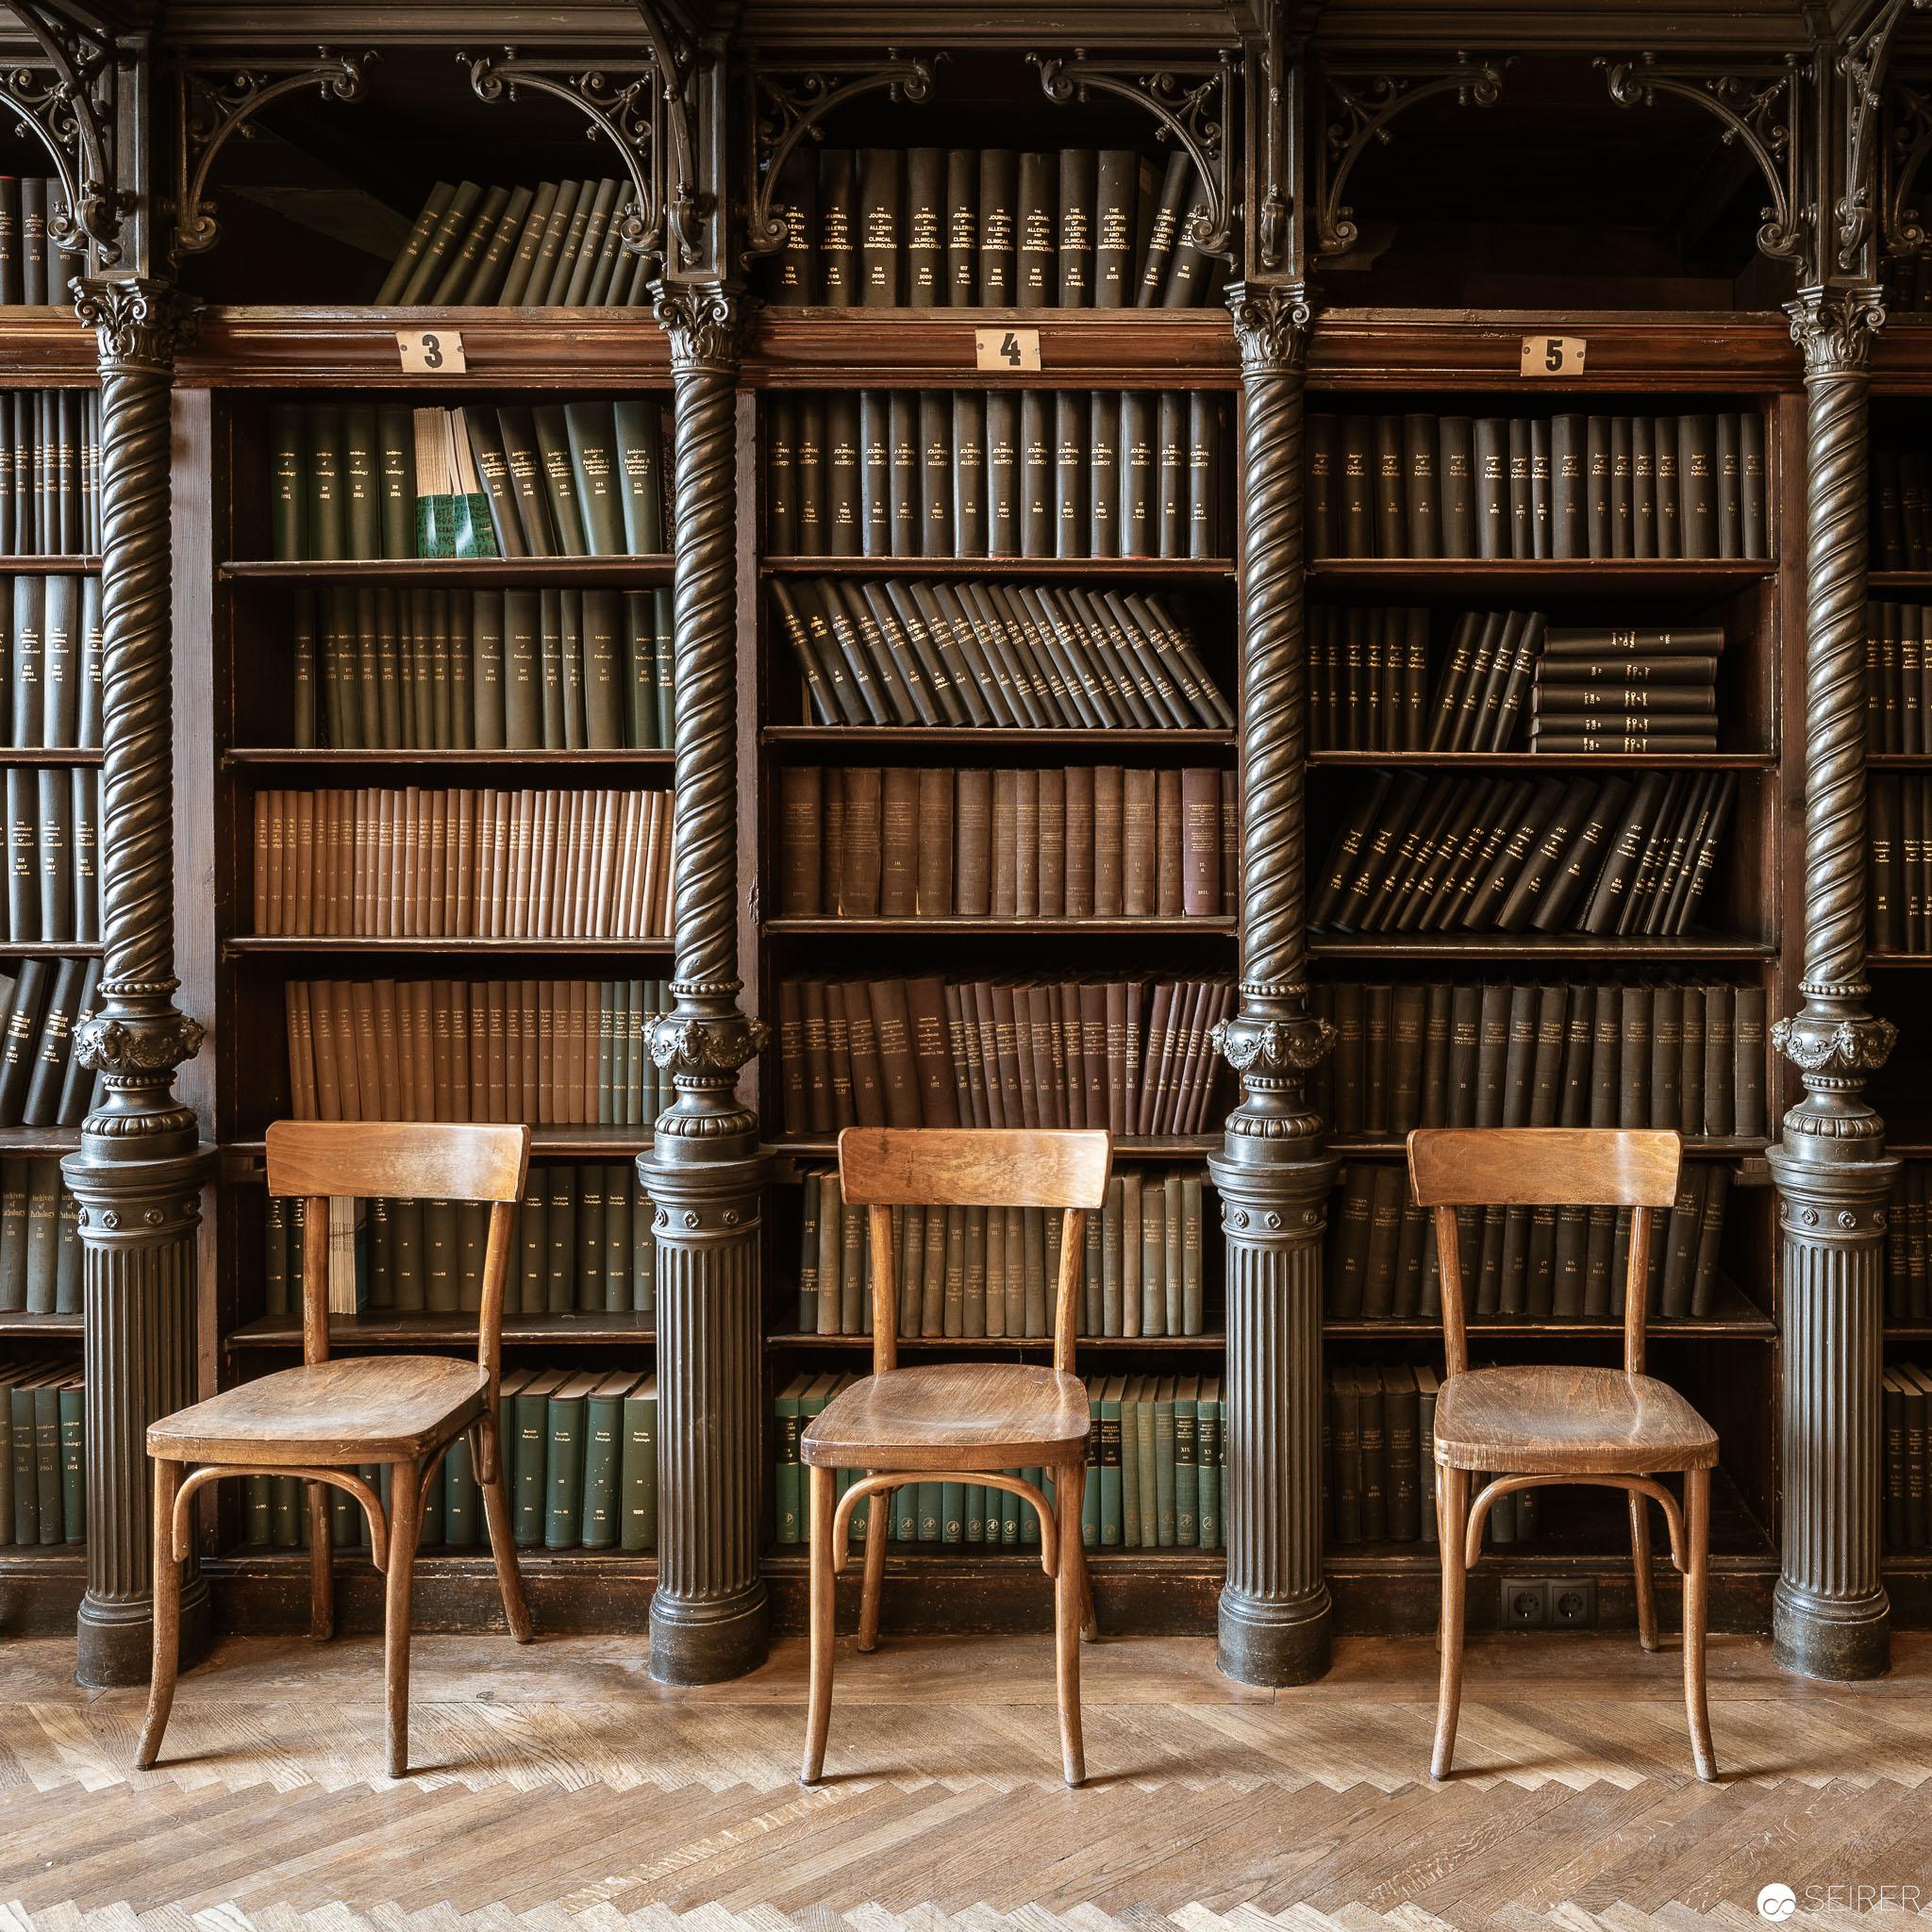 Bibliothek im Billrothhaus